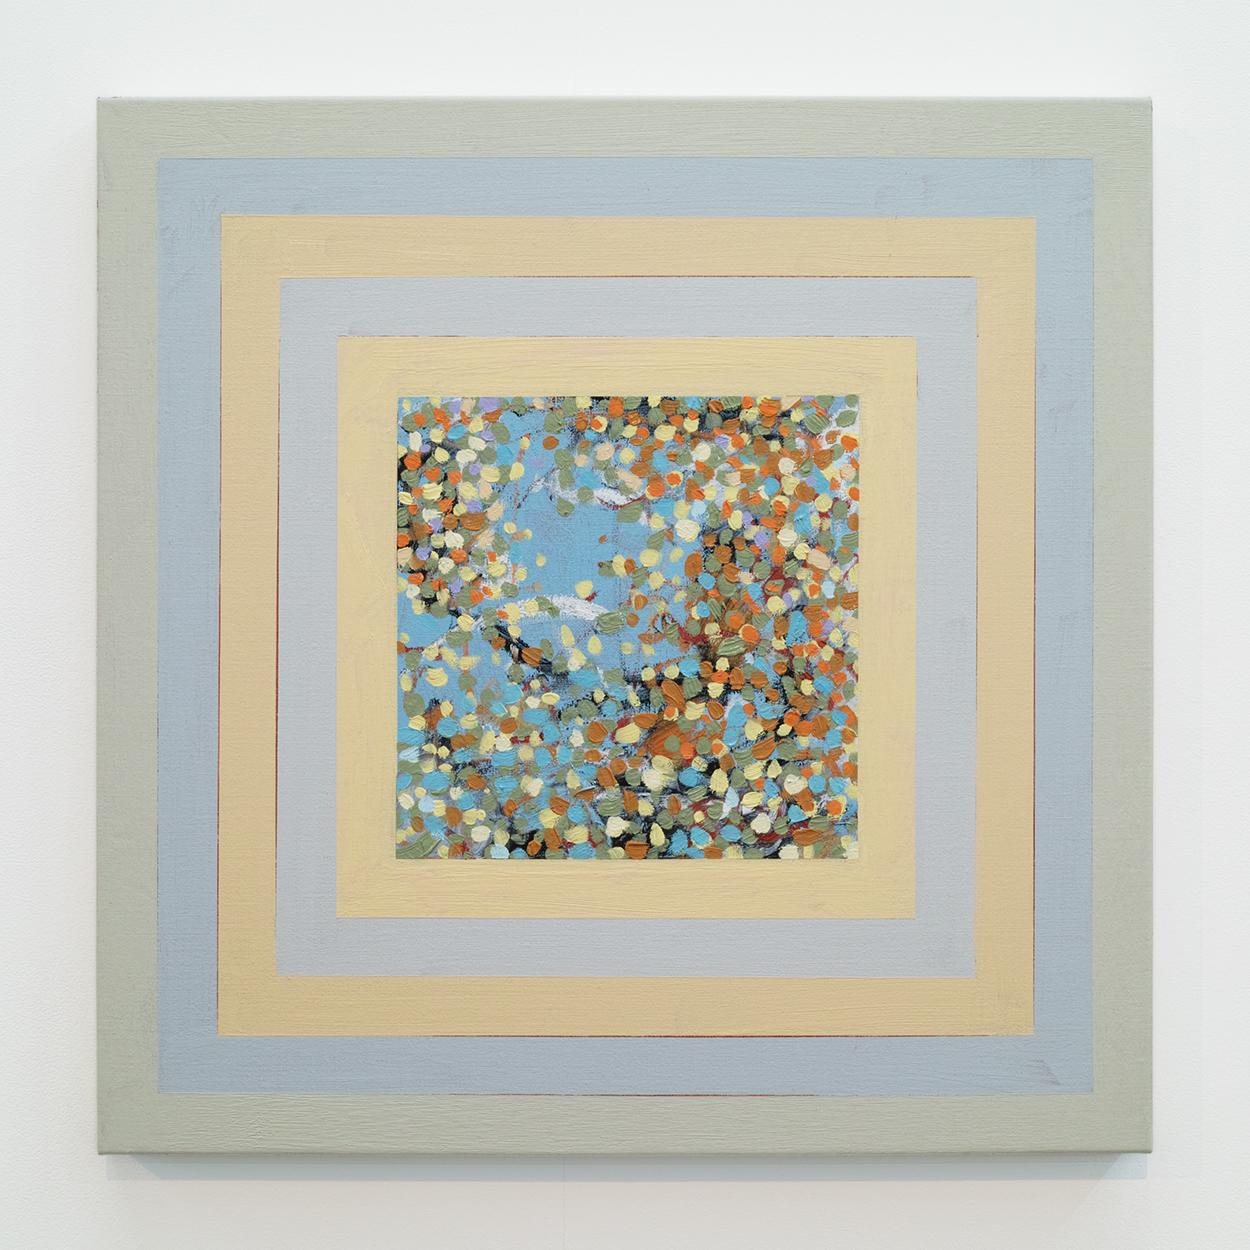 サイモン・フィッツジェラルド (SIMON FITZGERALD)|Always in Autumn|Oil on Linen|53 × 53cm|2017<br>¥250,000 - 500,000